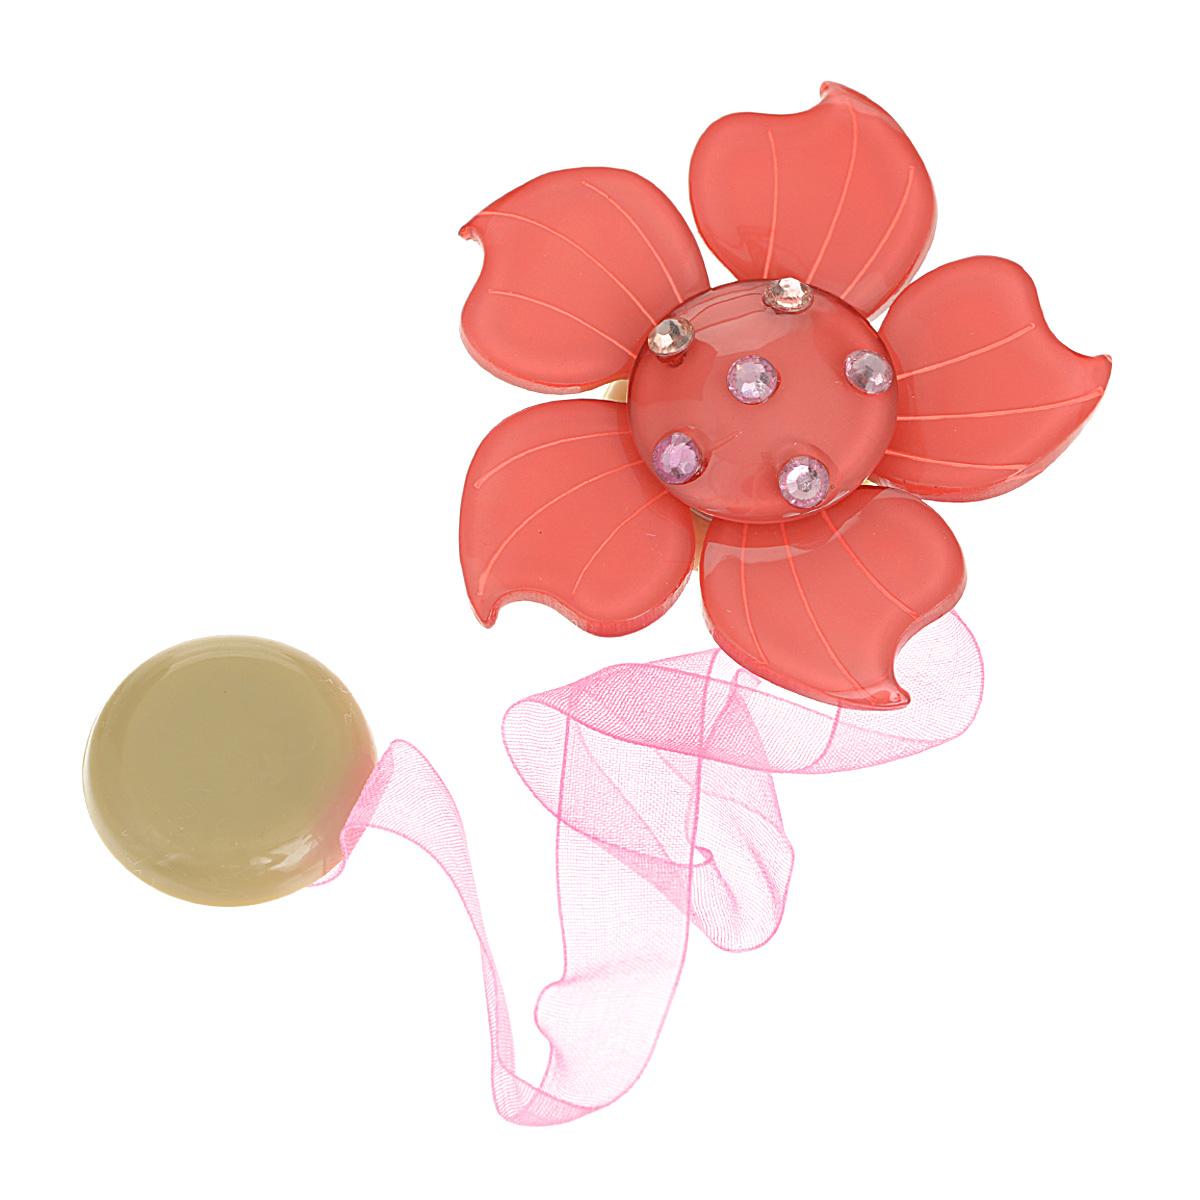 Клипса-магнит для штор Calamita Fiore, цвет: коралловый. 7704007_5407704007_540Клипса-магнит Calamita Fiore, изготовленная из пластика и текстиля, предназначена для придания формы шторам. Изделие представляет собой два магнита, расположенные на разных концах текстильной ленты. Один из магнитов оформлен декоративным цветком и украшен стразами. С помощью такой магнитной клипсы можно зафиксировать портьеры, придать им требуемое положение, сделать складки симметричными или приблизить портьеры, скрепить их. Клипсы для штор являются универсальным изделием, которое превосходно подойдет как для штор в детской комнате, так и для штор в гостиной. Следует отметить, что клипсы для штор выполняют не только практическую функцию, но также являются одной из основных деталей декора этого изделия, которая придает шторам восхитительный, стильный внешний вид. Диаметр декоративного цветка: 6 см. Диаметр магнита: 2,5 см. Длина ленты: 28 см.